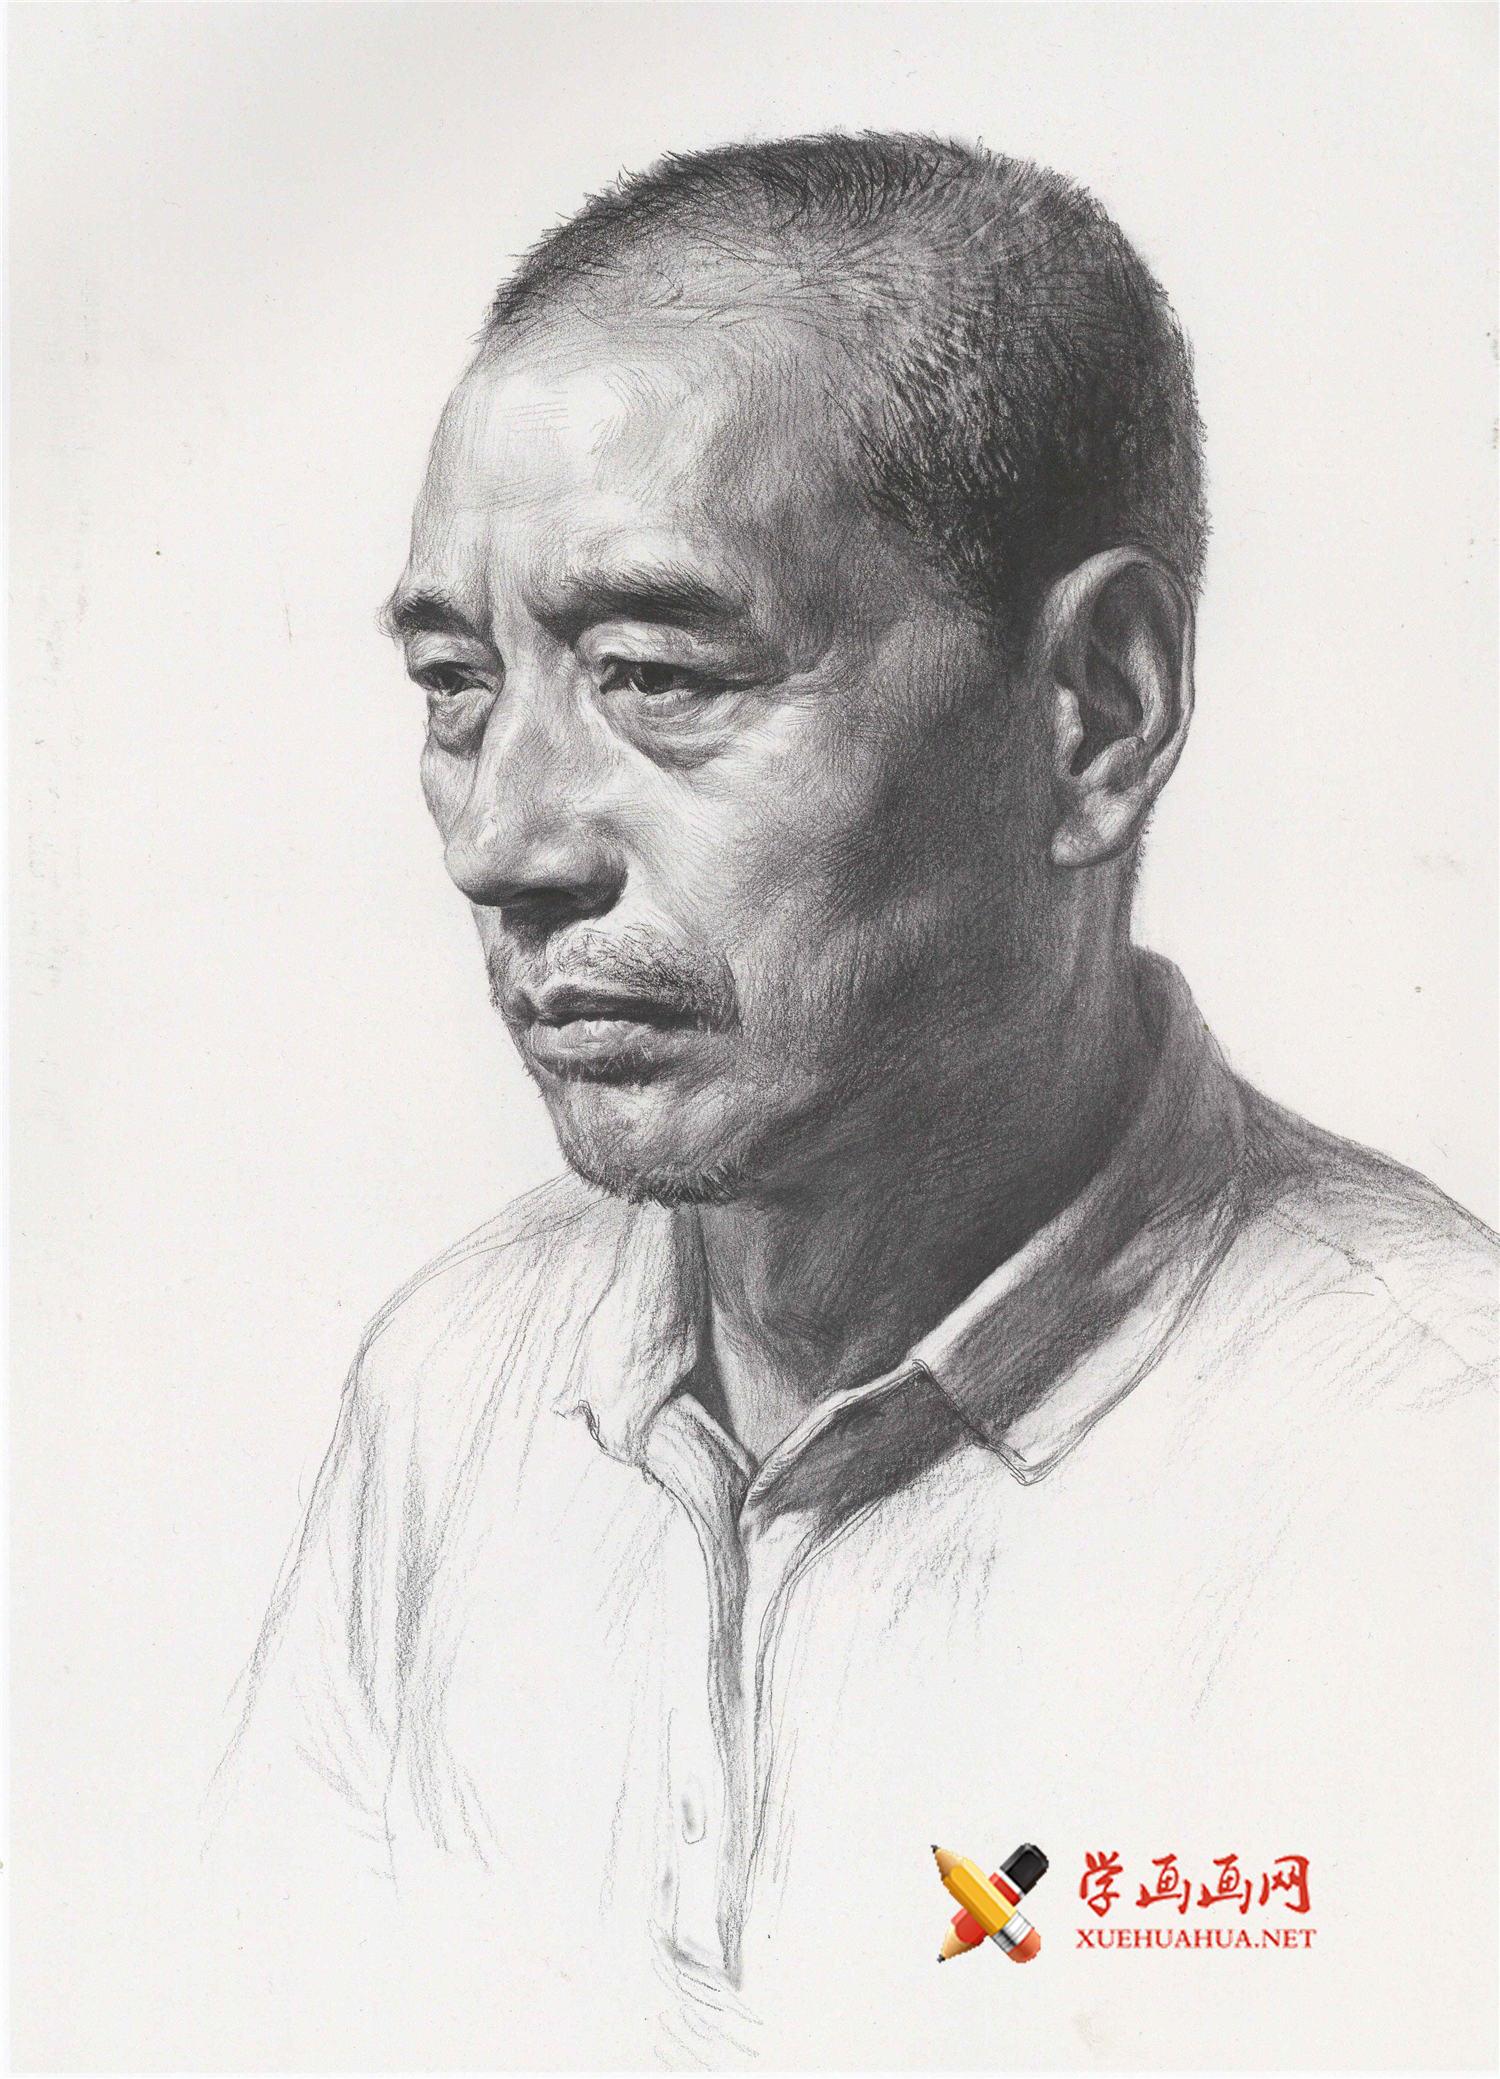 人物头像的画法_中年男子素描头像图片(1)